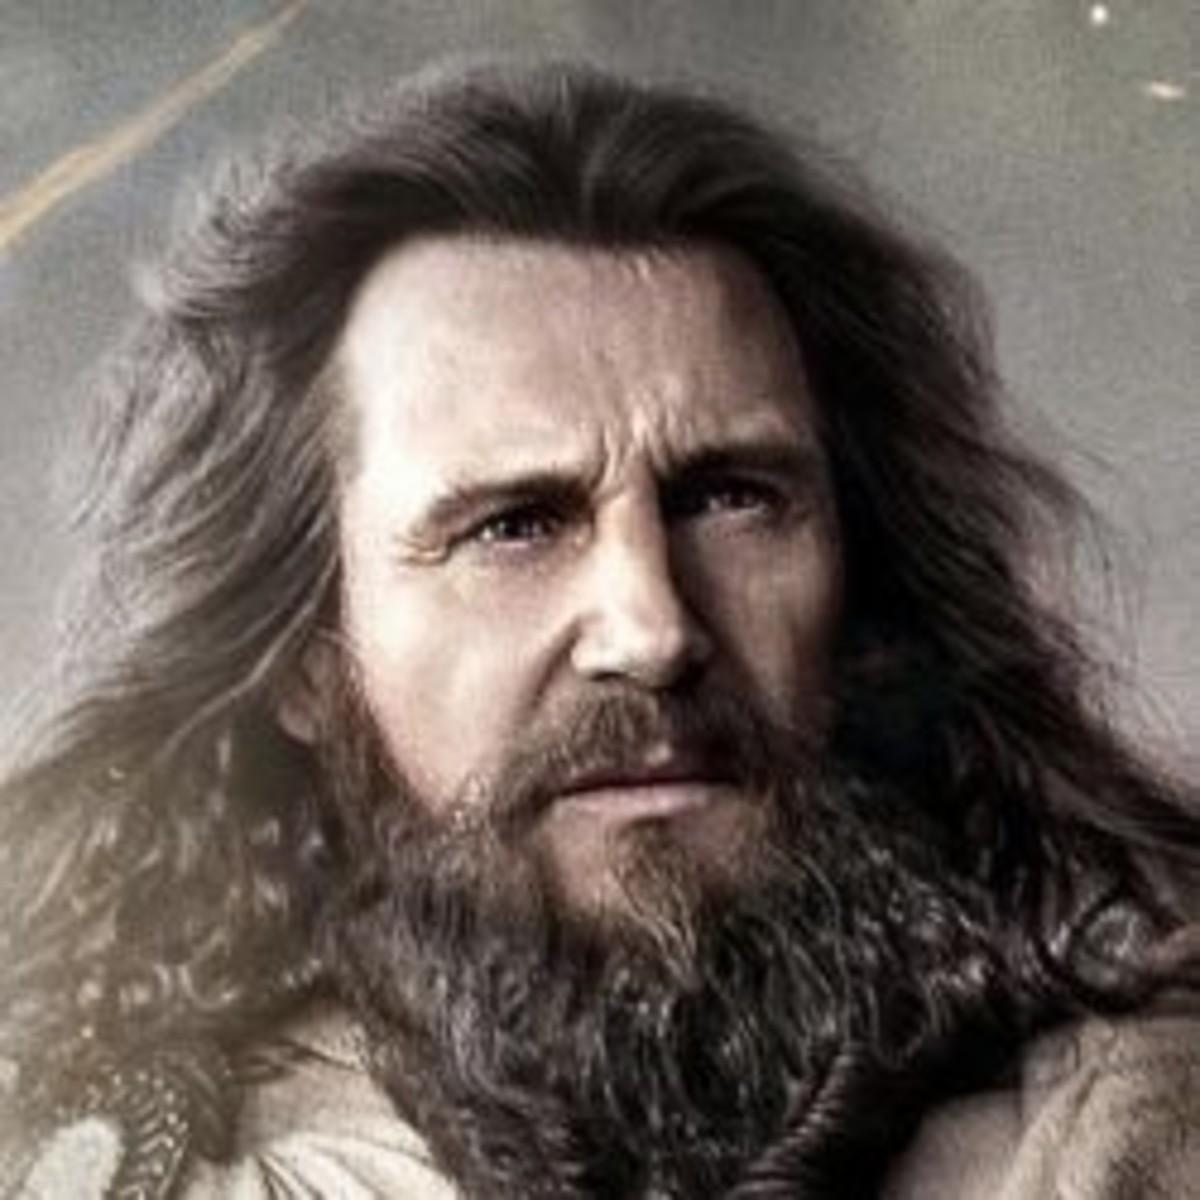 Zeus portrayed by Liam Neeson